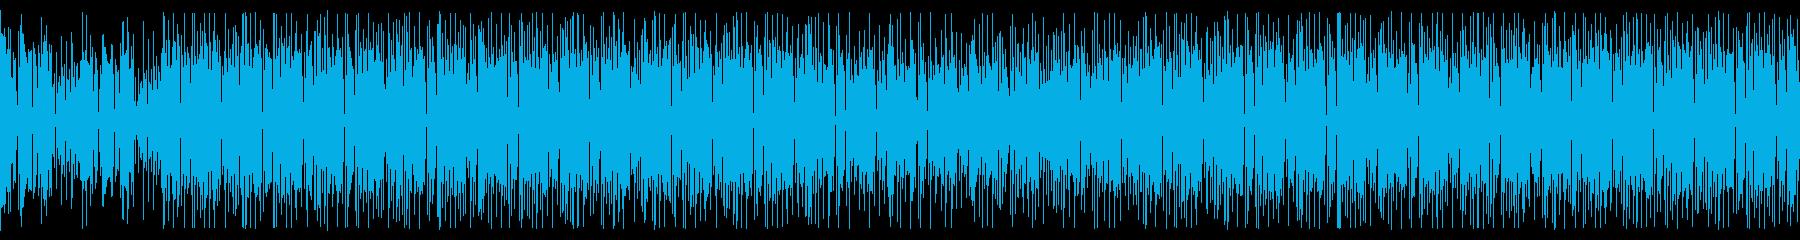 ファンクギターカッティングと陽気フルートの再生済みの波形